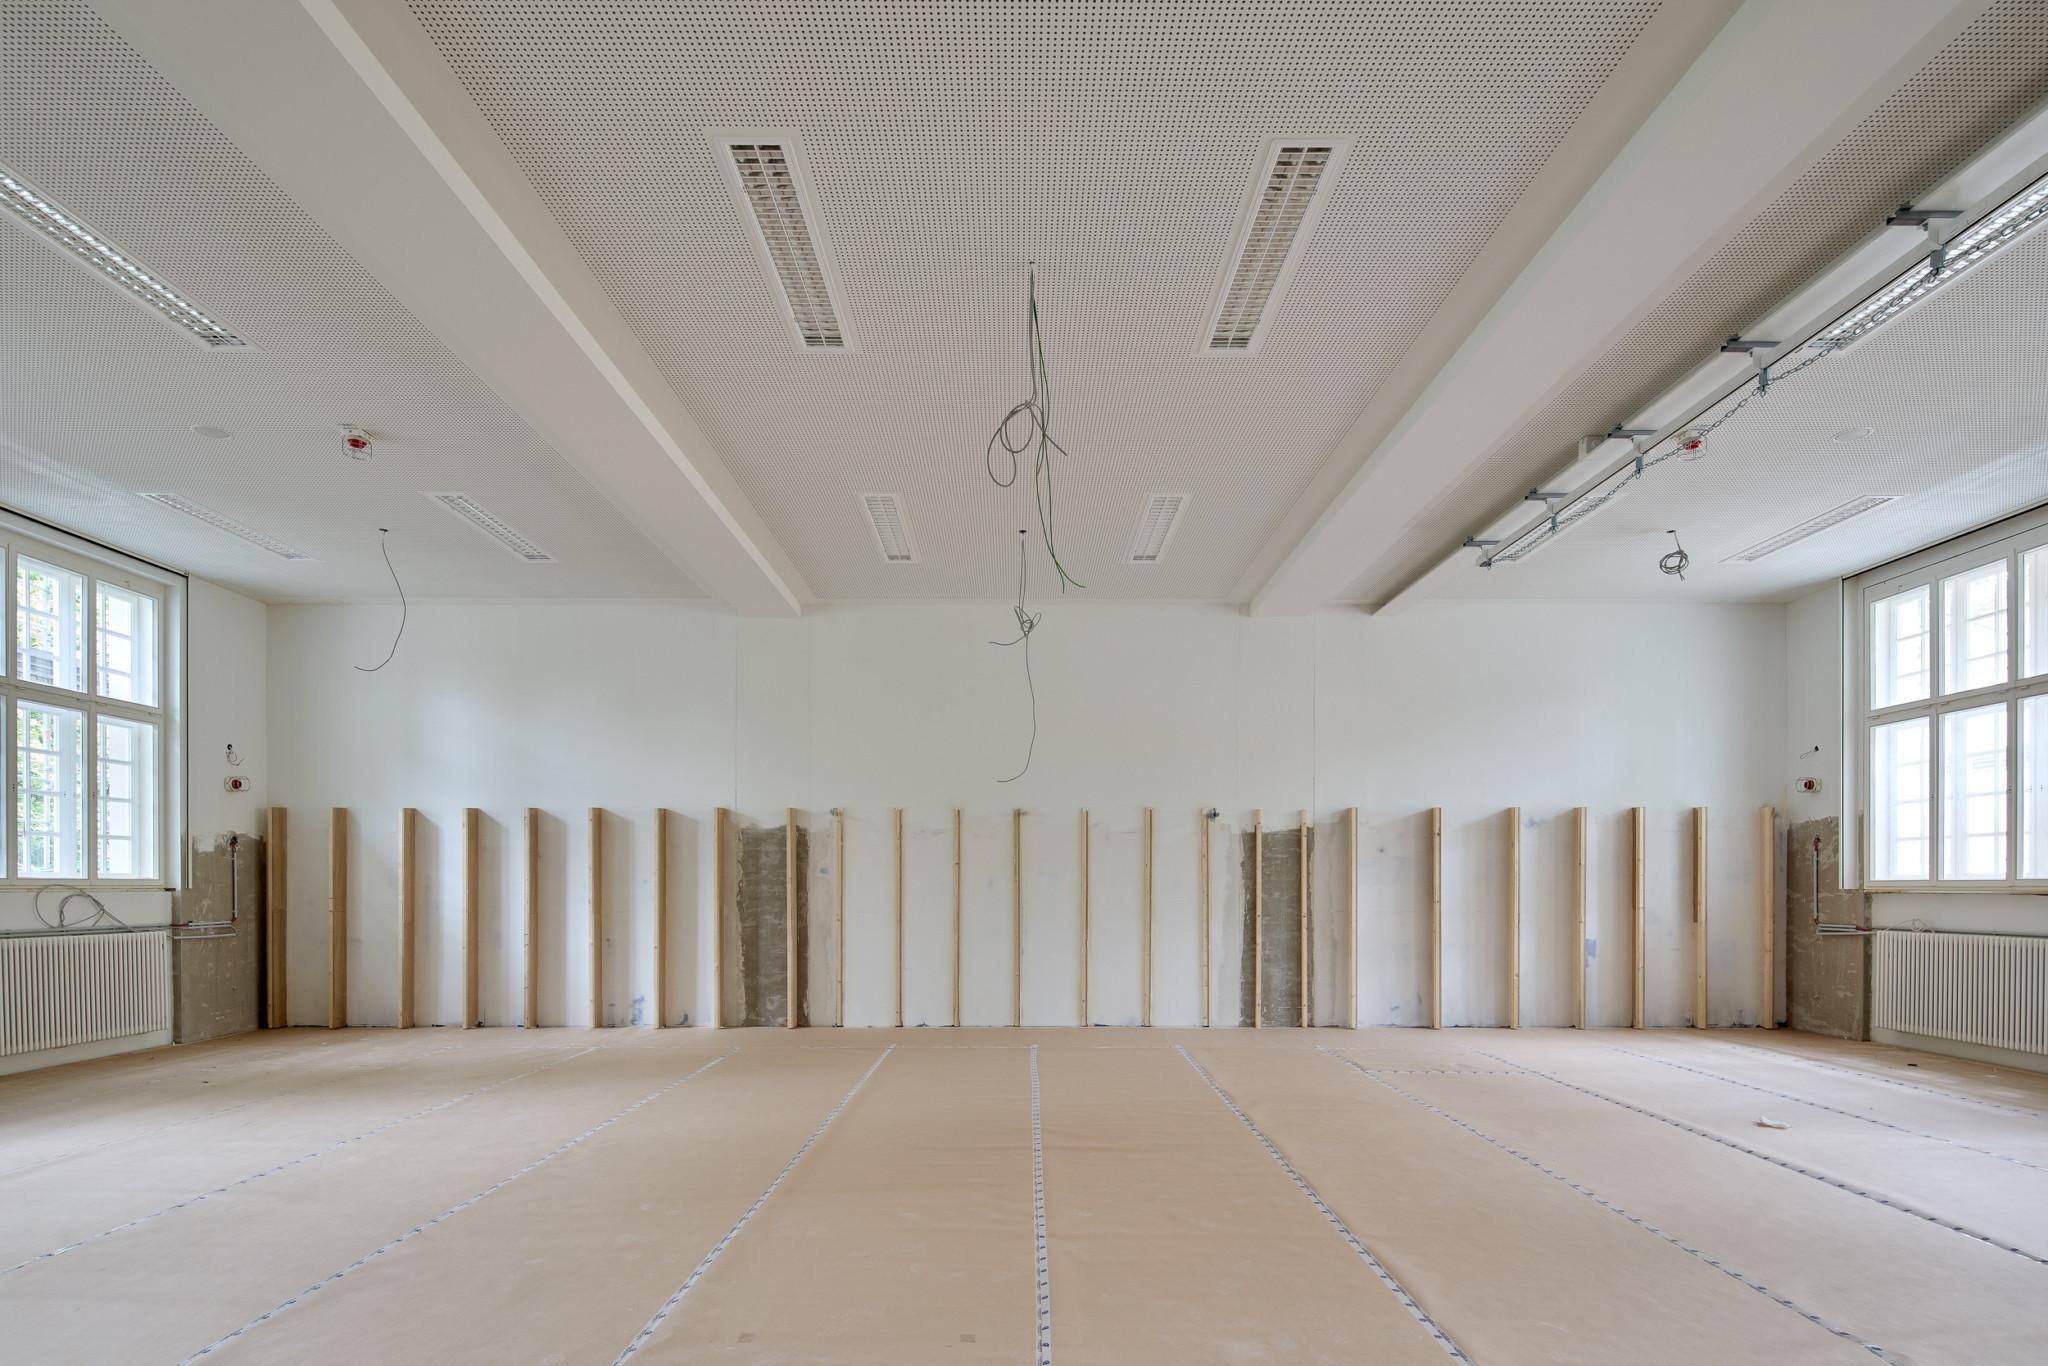 Eine sehr große Halle, komplett leer. Die Kabel hängen von der Decke, der Boden ist noch mit Papierbahnen bedeckt.